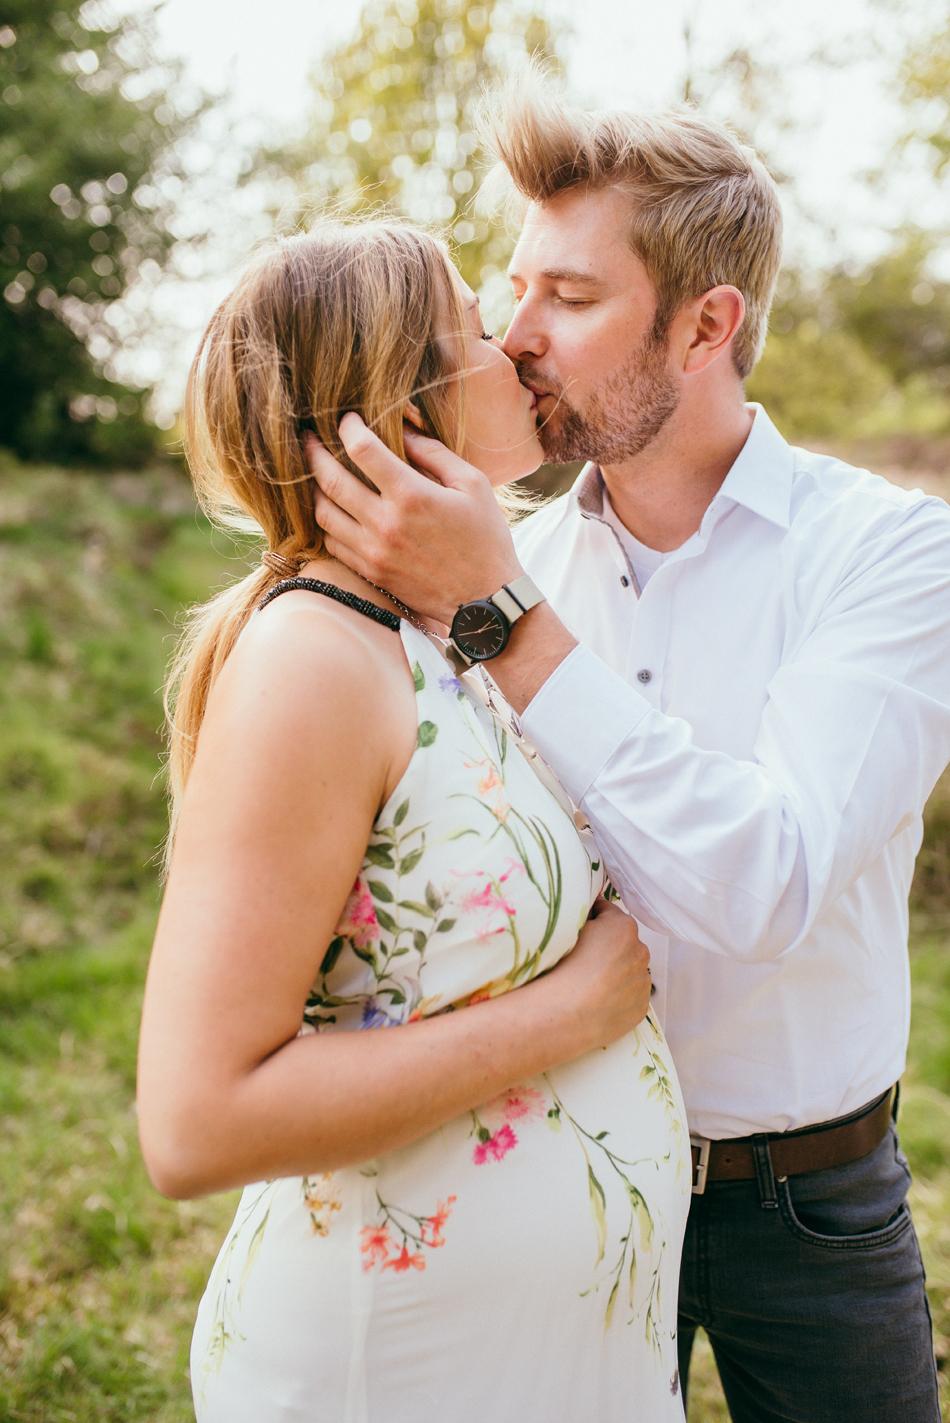 Familienfotos in Leck paar küsst sich verliebt